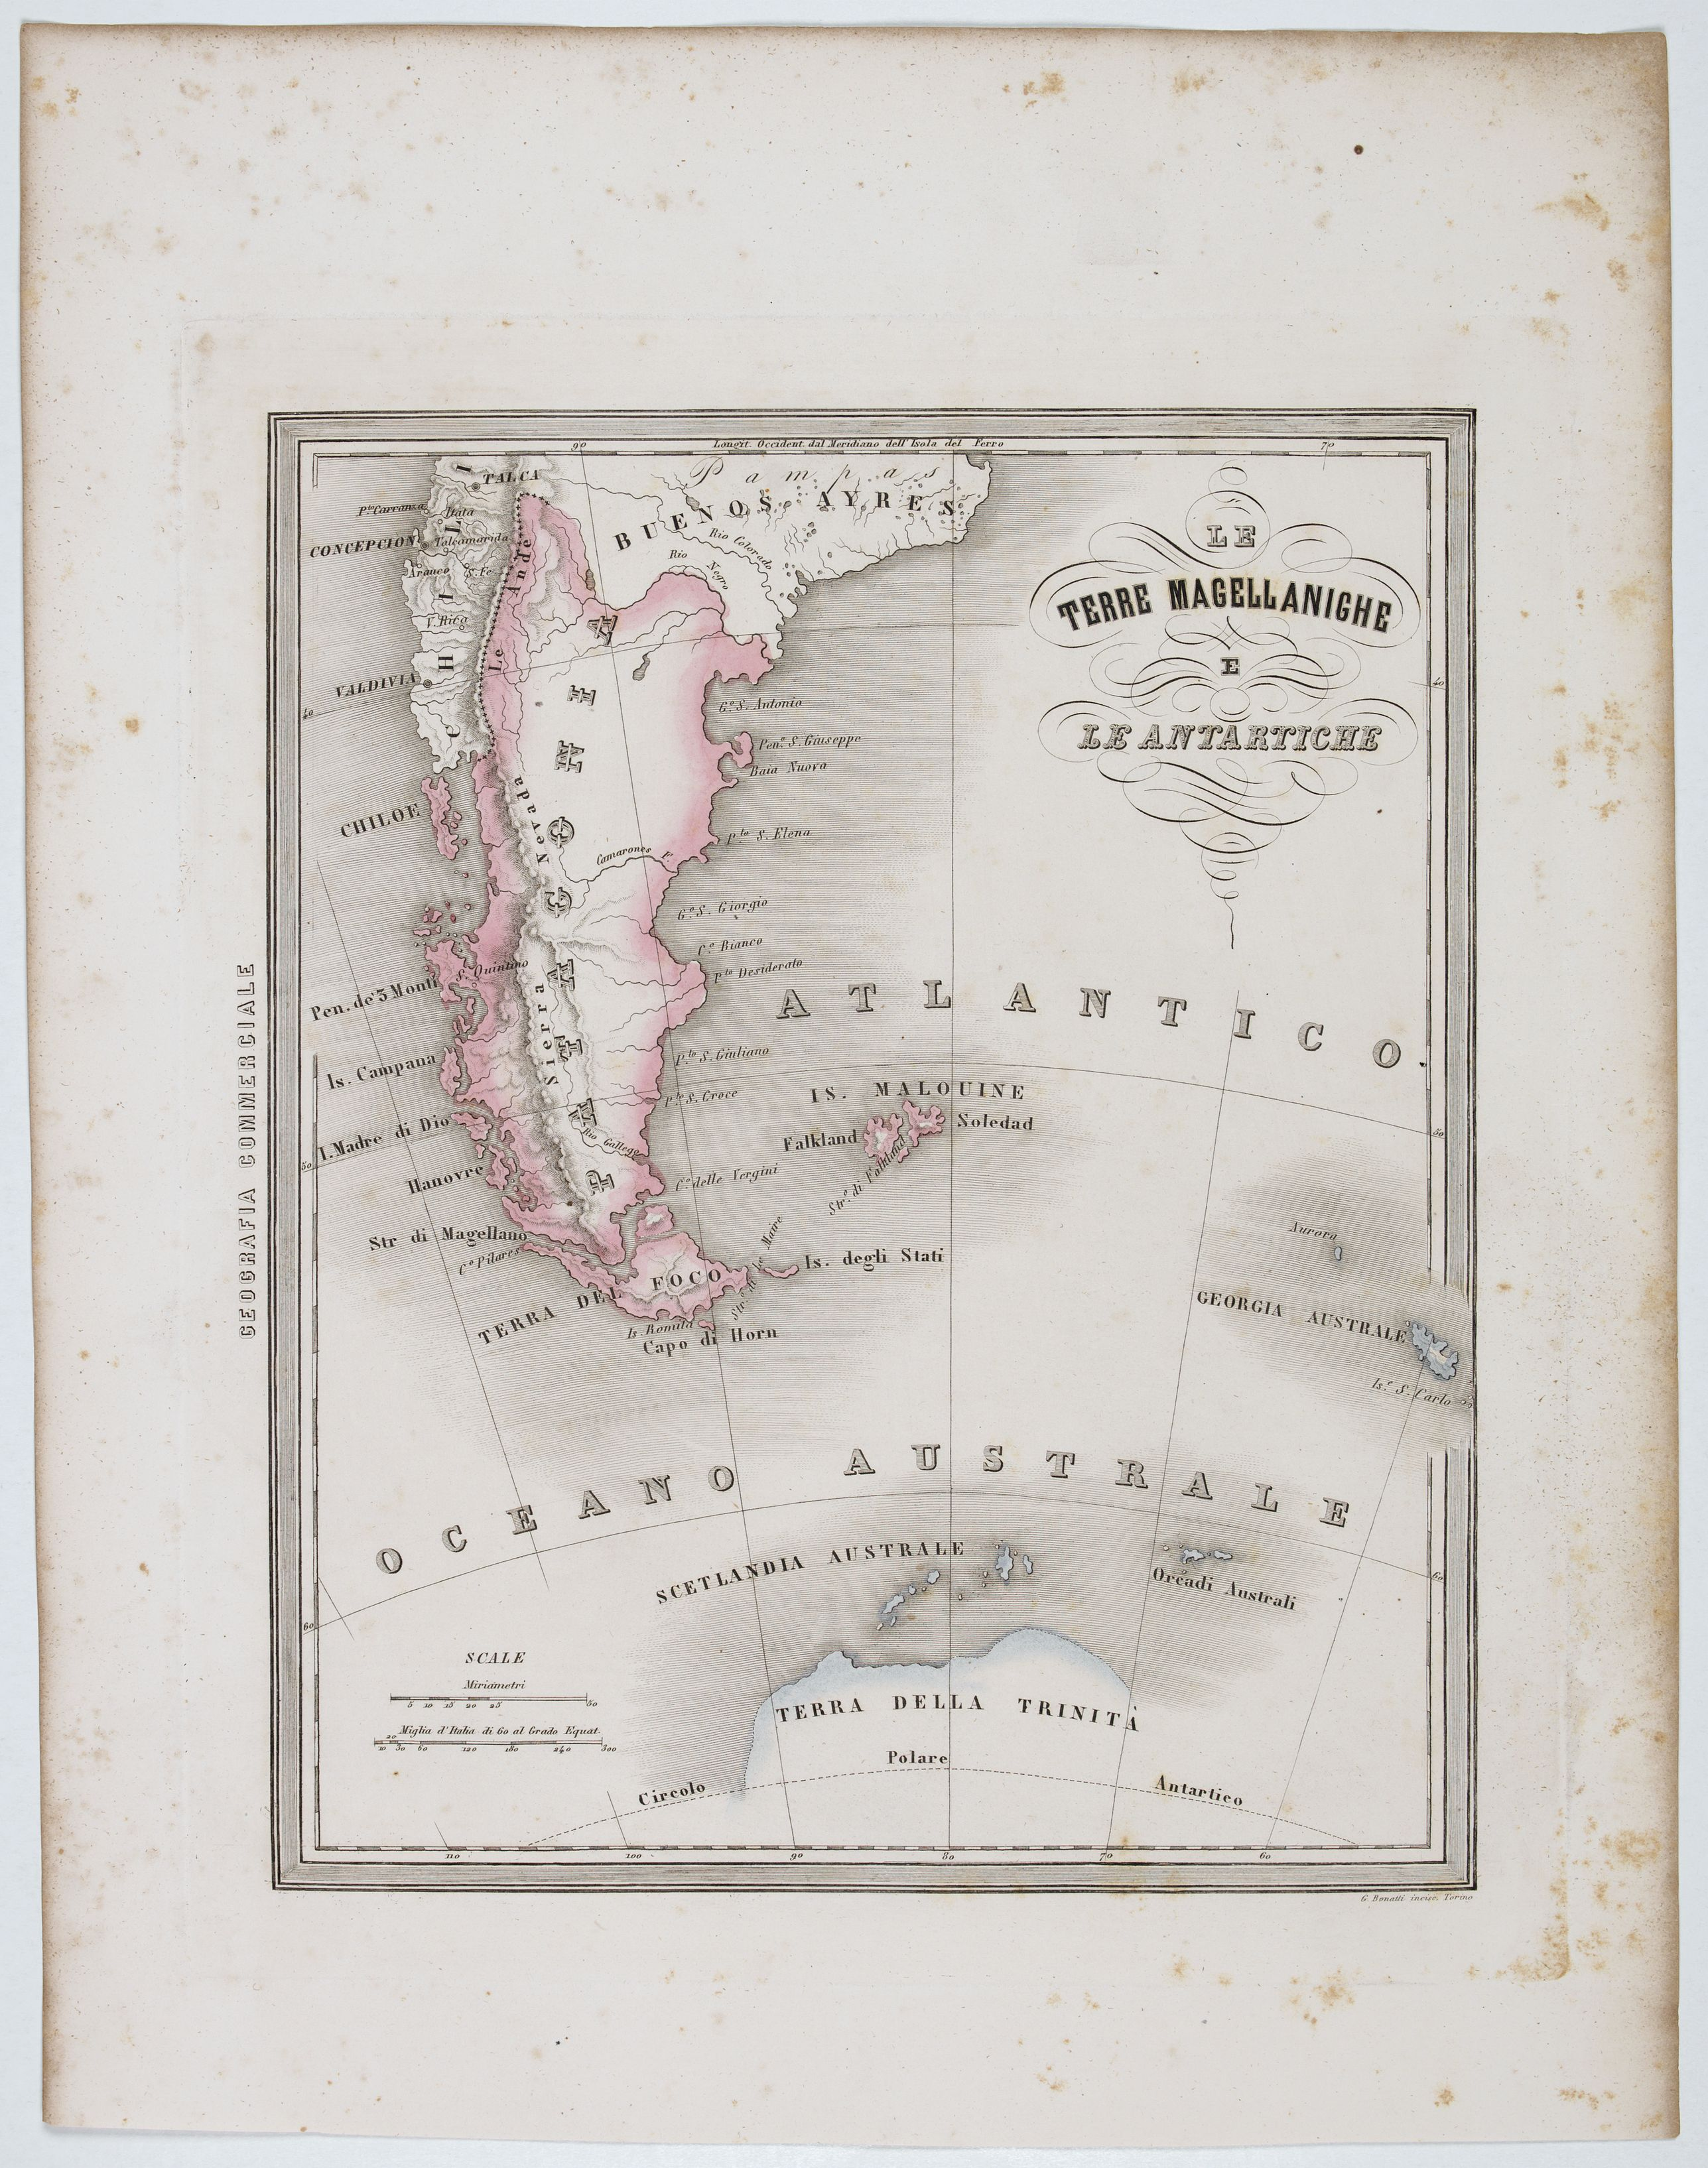 MARMOCCHI, F.C. -  Le Terre Magellanighe e Le Antartiche.